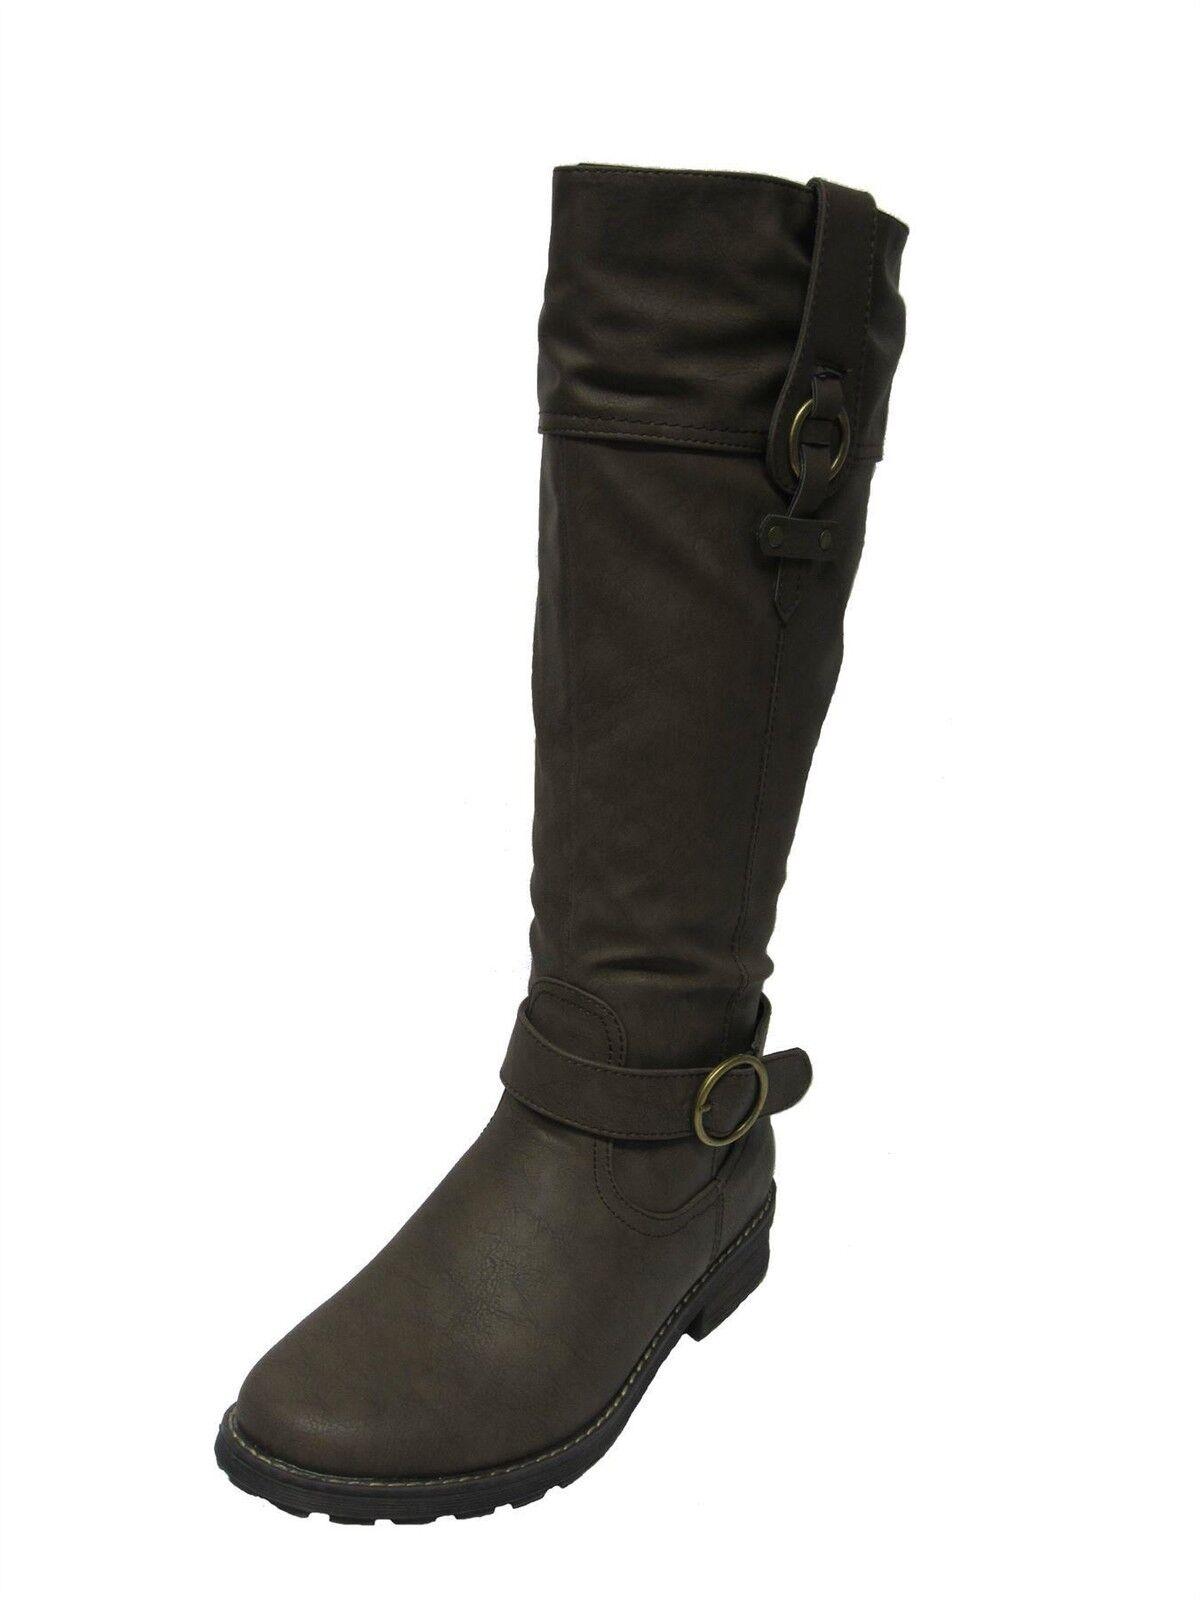 Polster schwarz Chicago schwarz Polster oder Taupe Kniehohe Stiefel a9a2df